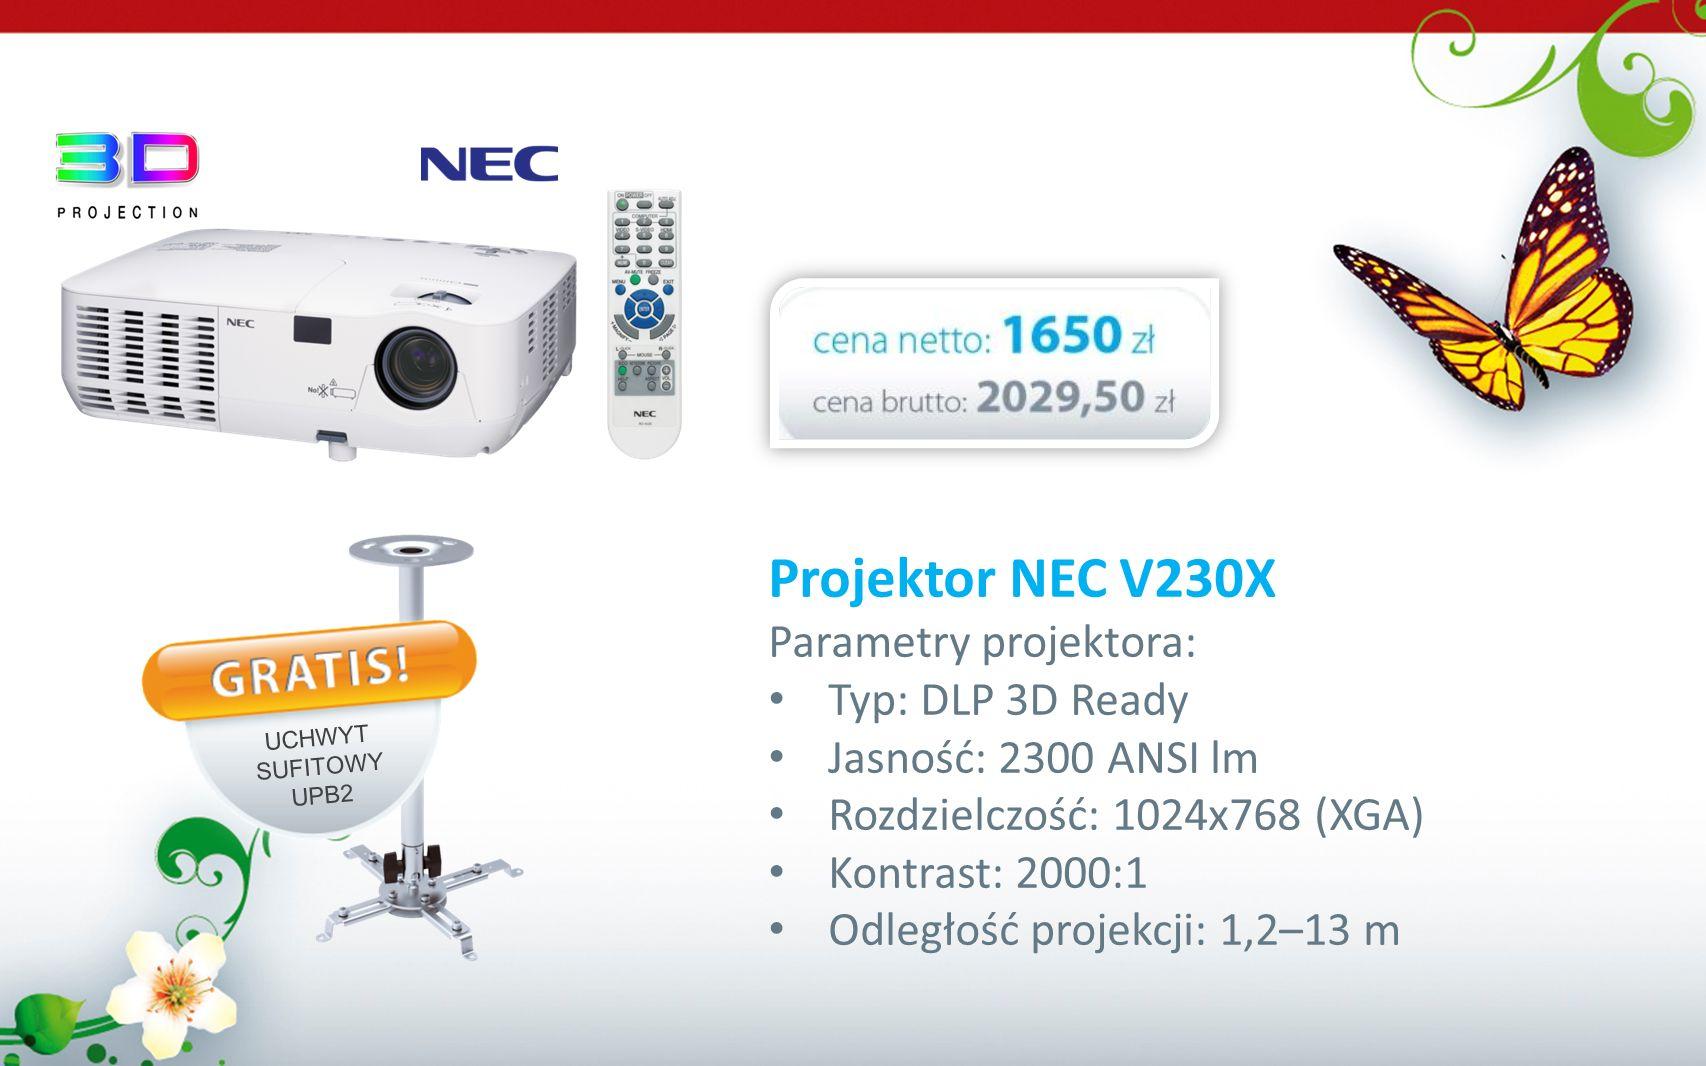 Projektor NEC V230X Parametry projektora: Typ: DLP 3D Ready Jasność: 2300 ANSI lm Rozdzielczość: 1024x768 (XGA) Kontrast: 2000:1 Odległość projekcji: